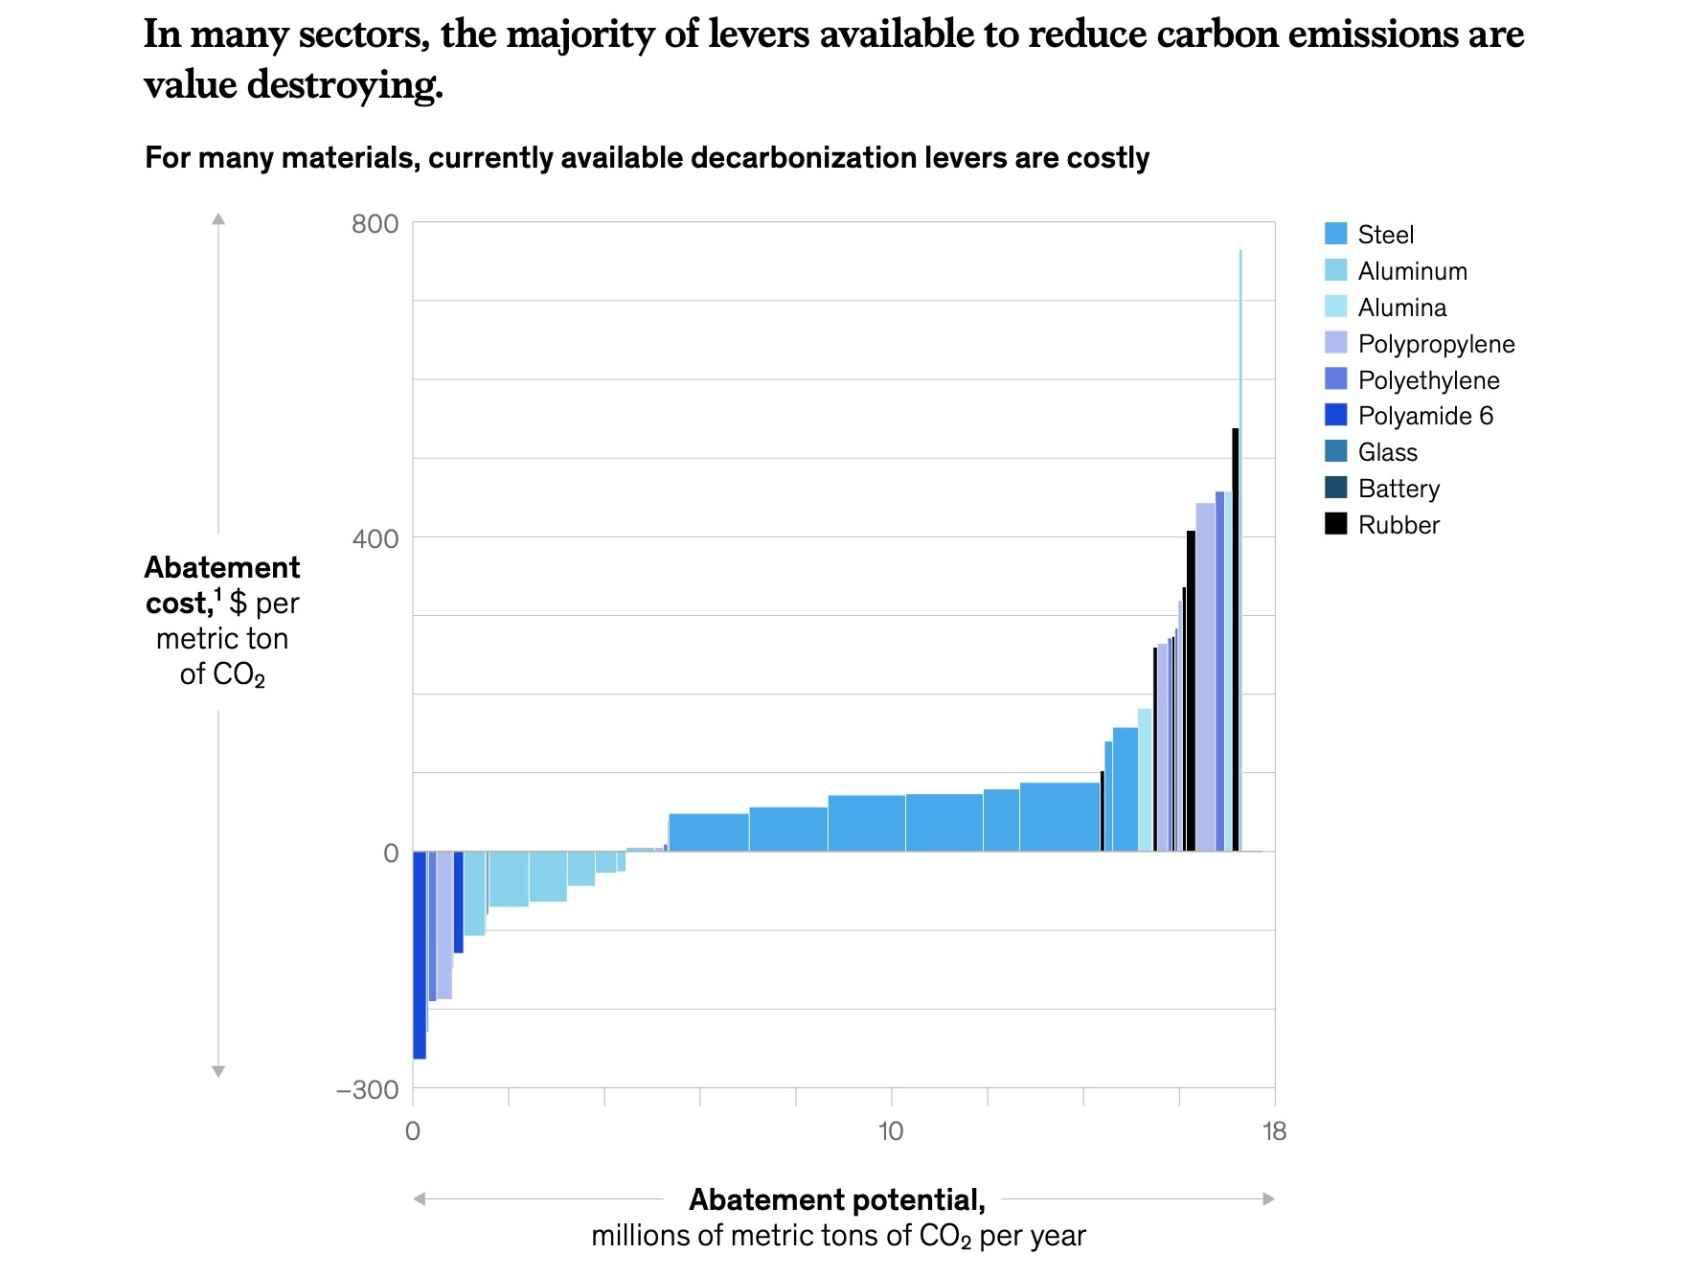 Nivel de descarbonización por sectores